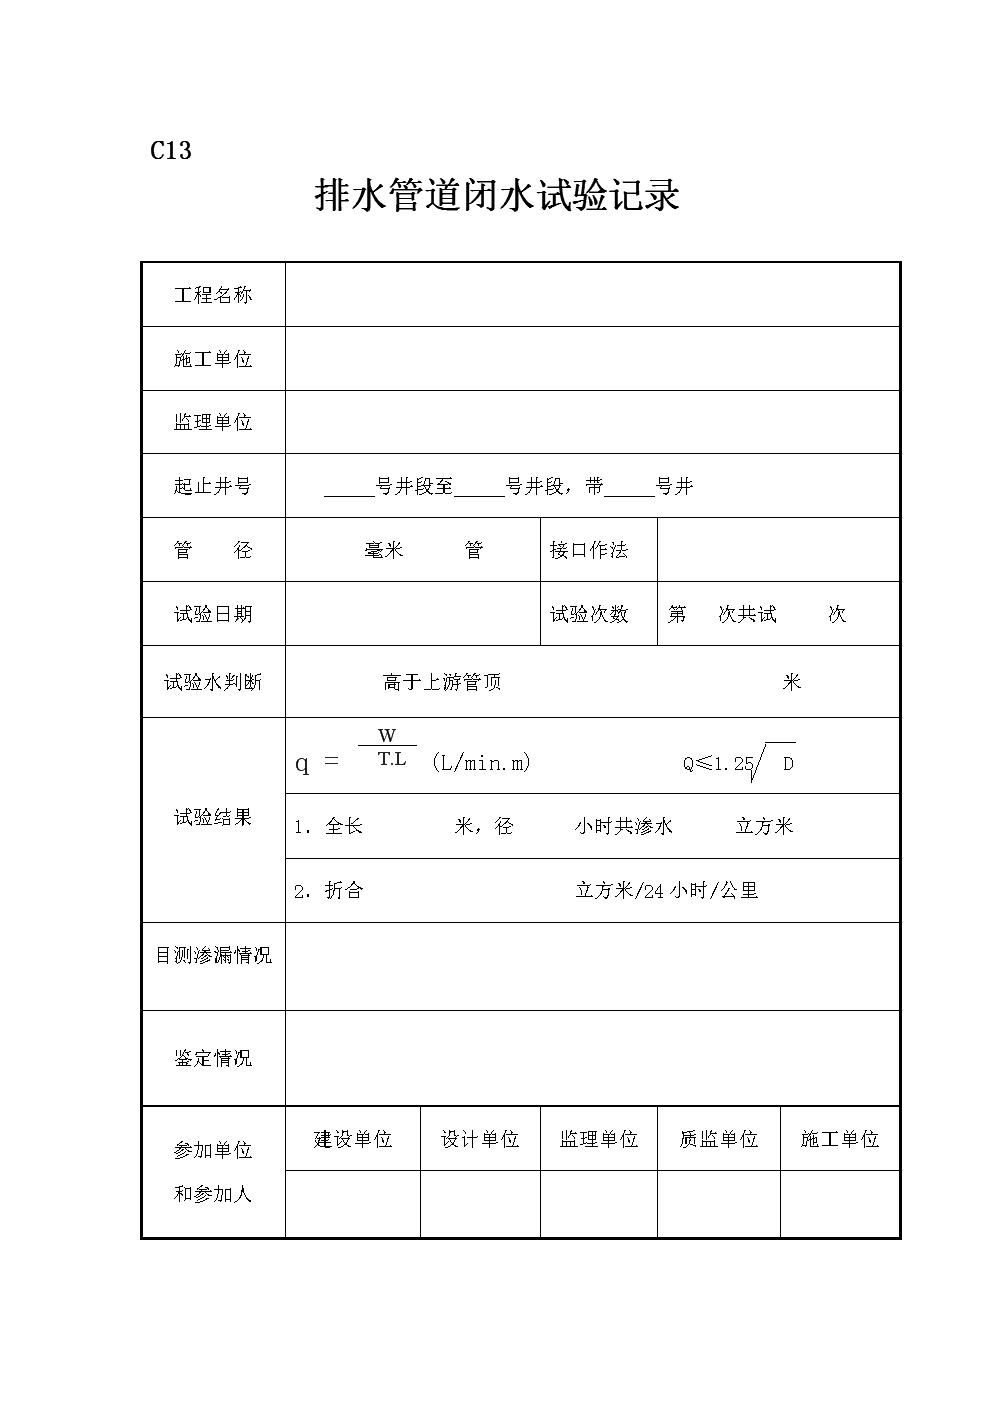 C13 排水管道闭水试验记录.doc